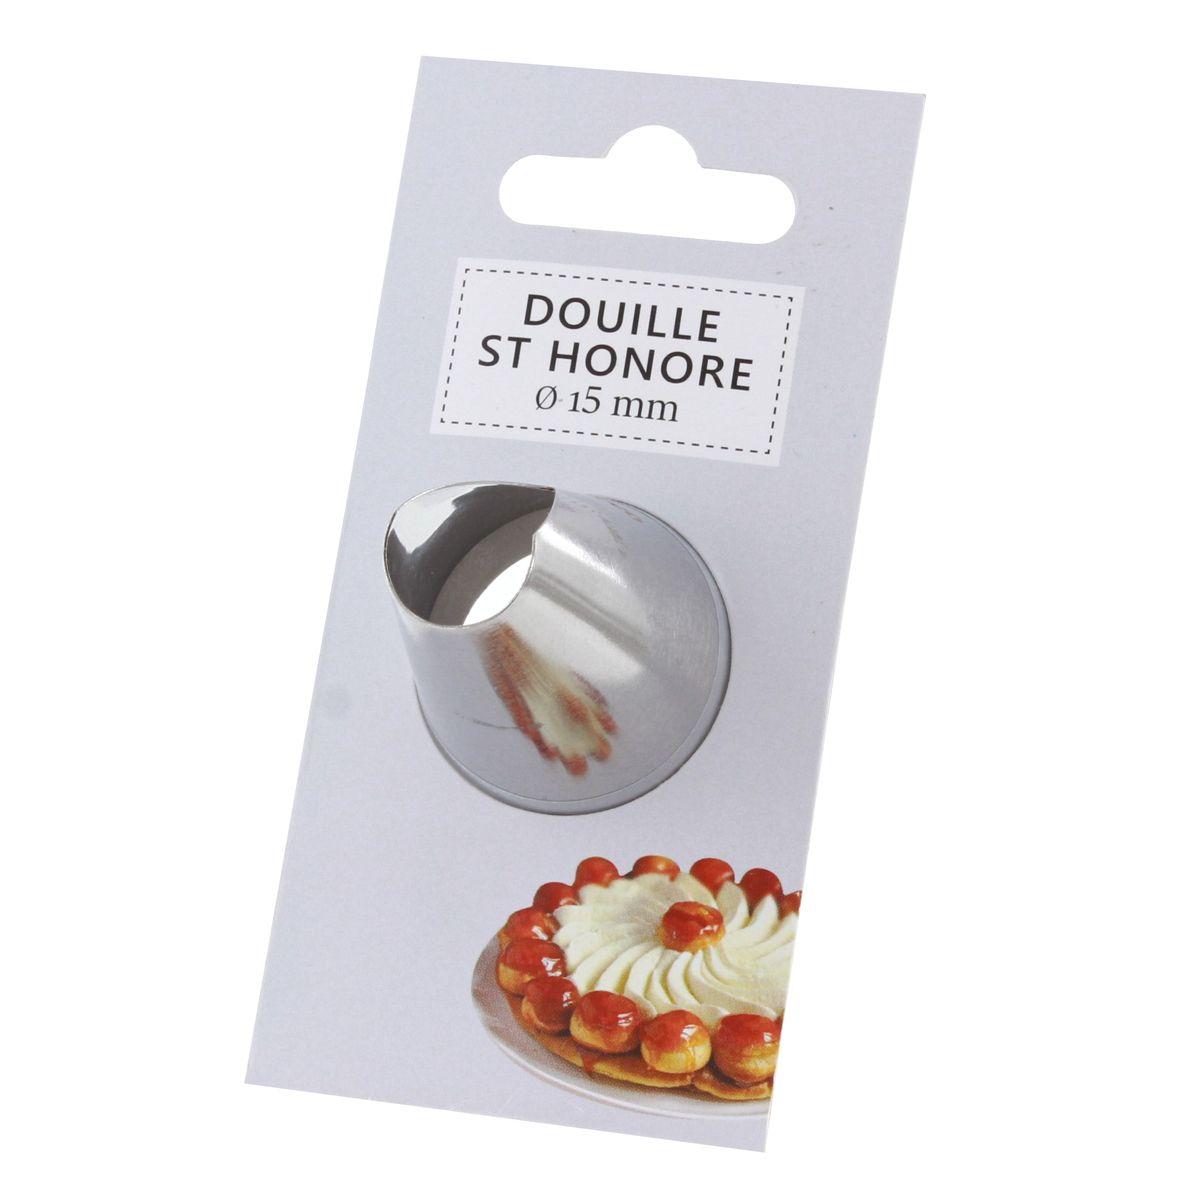 Douille saint-honoré 15mm